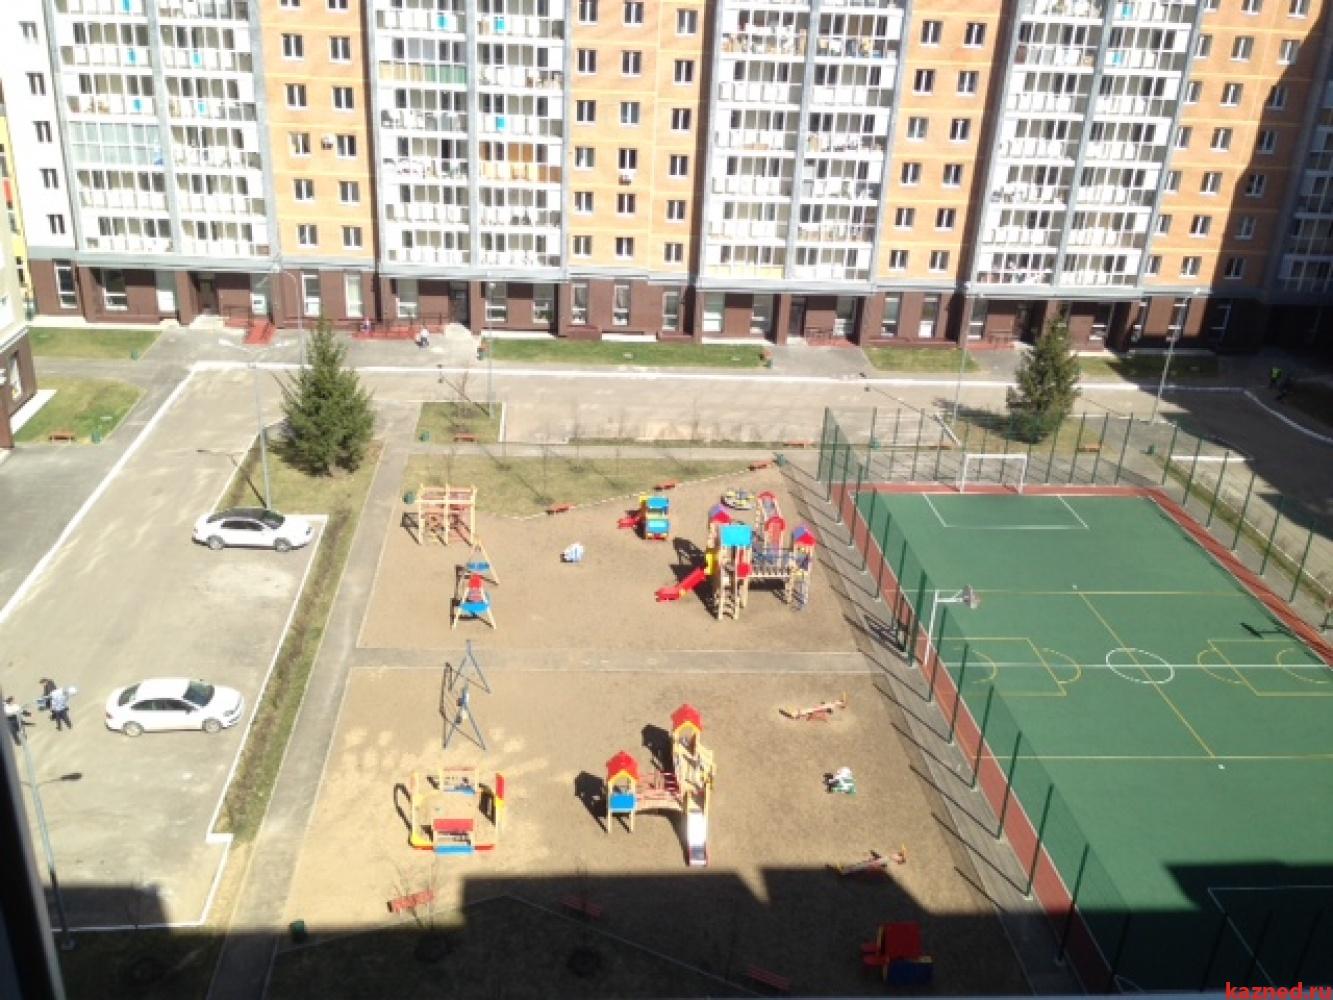 Продам 1-комн.квартиру Павлюхина ул, 99б, 46 м2  (миниатюра №2)